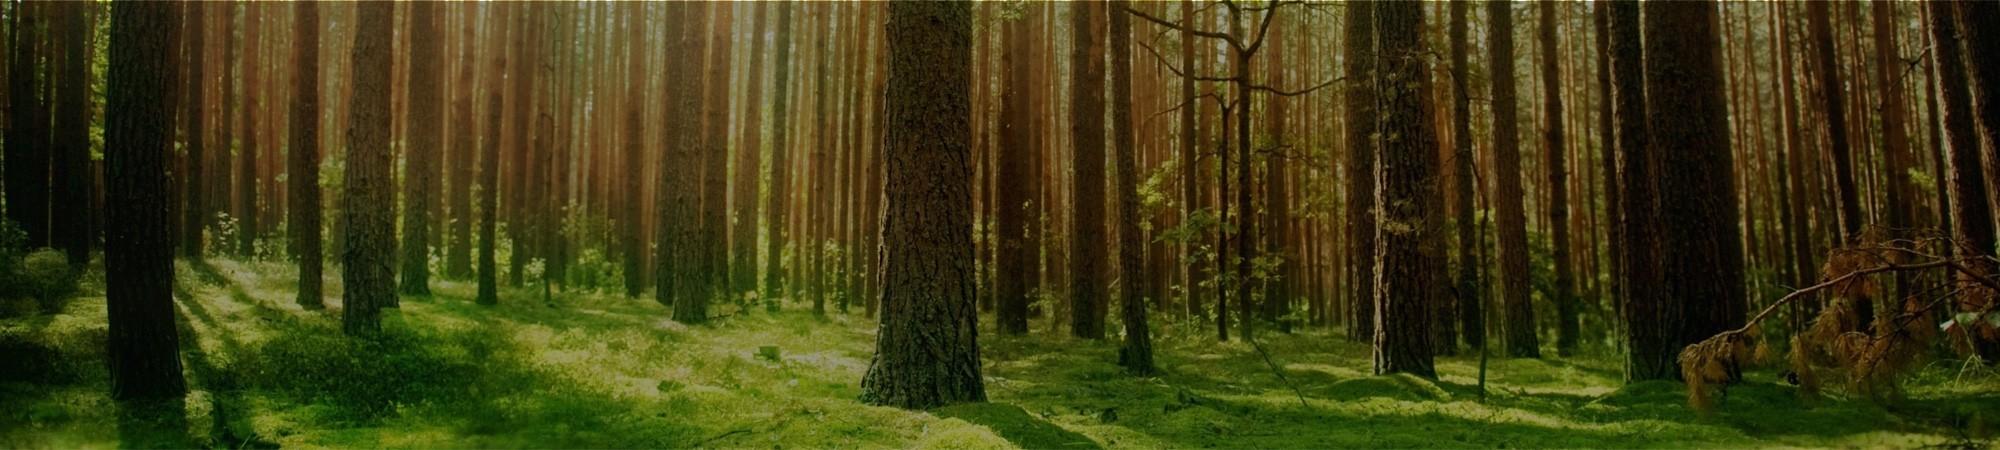 environmental-banner